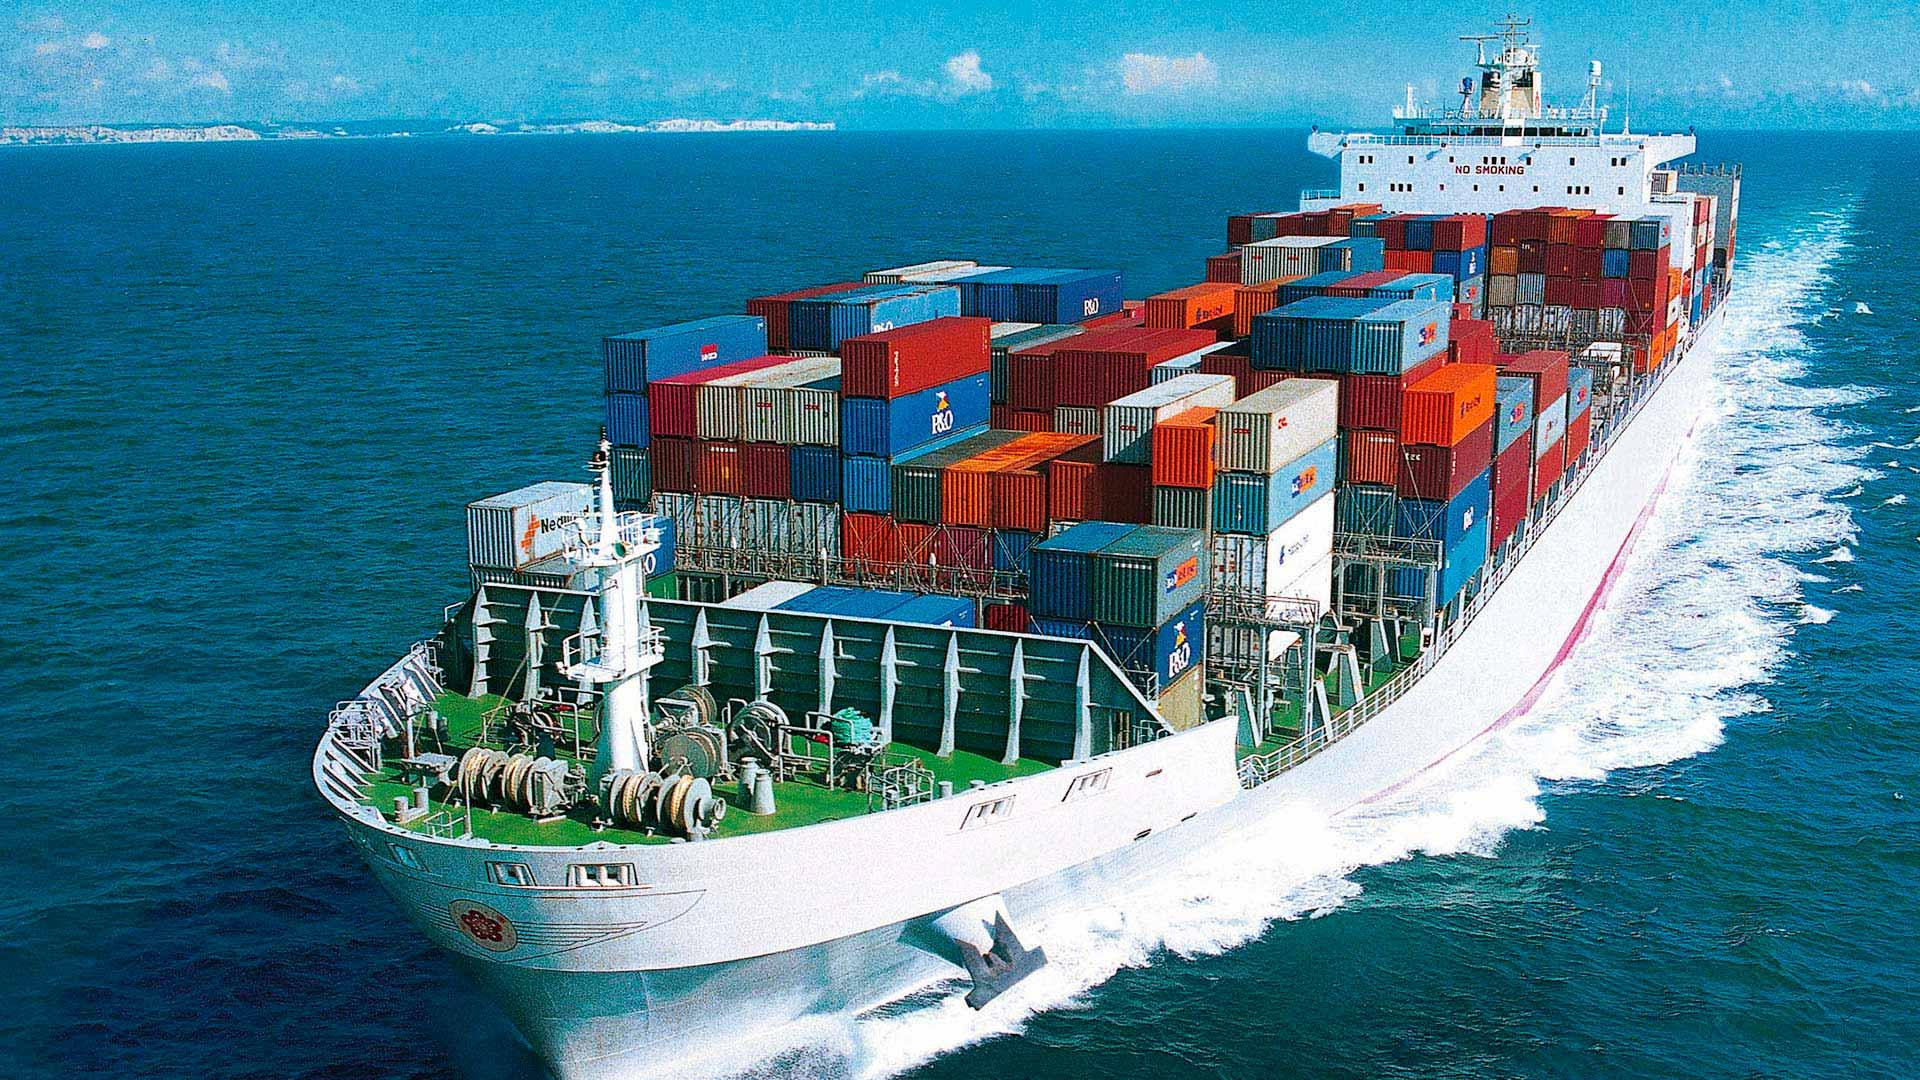 Embarque de Carros und Delaware